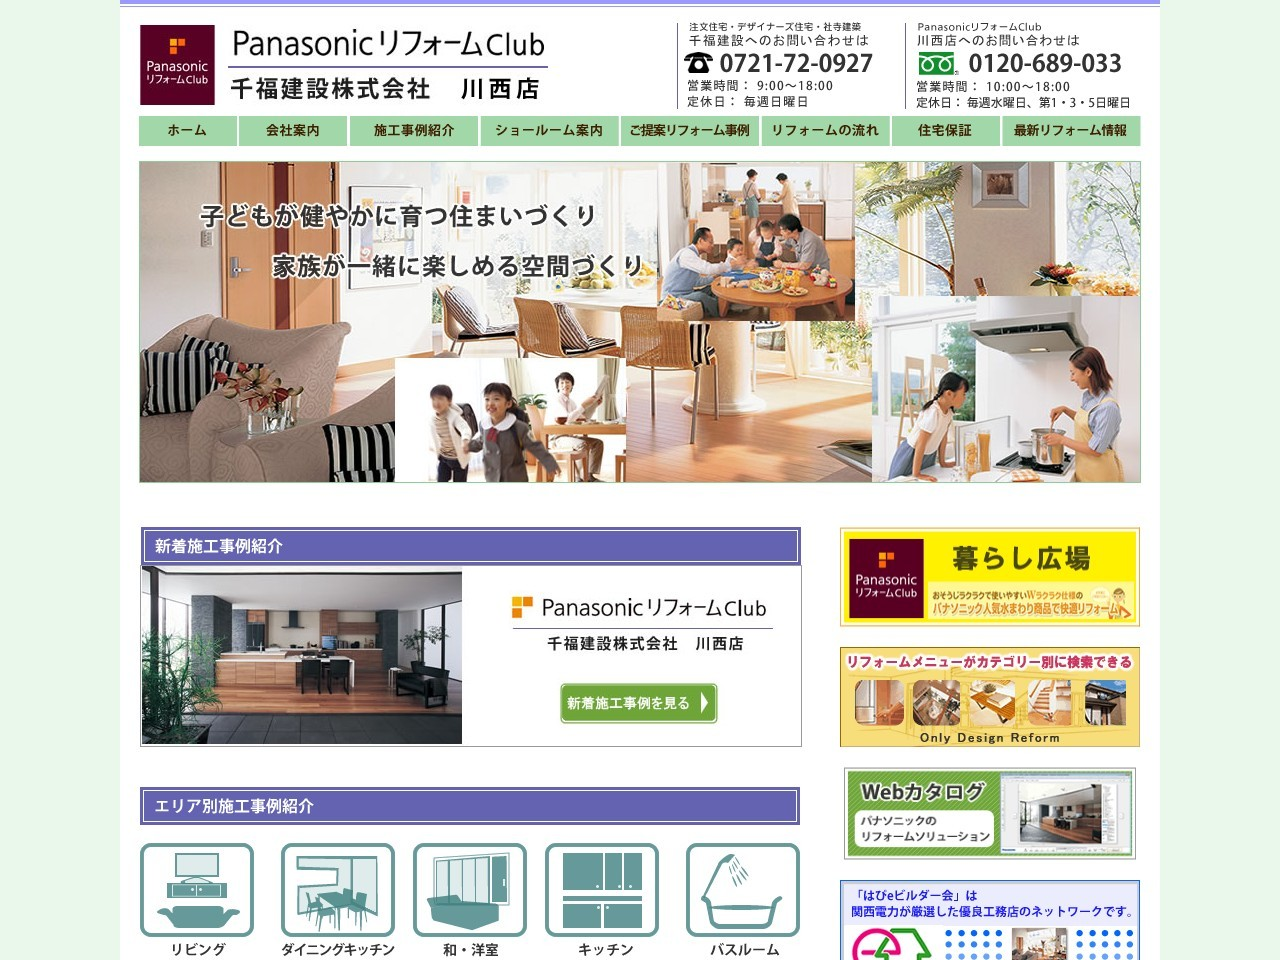 千福建設株式会社川西店